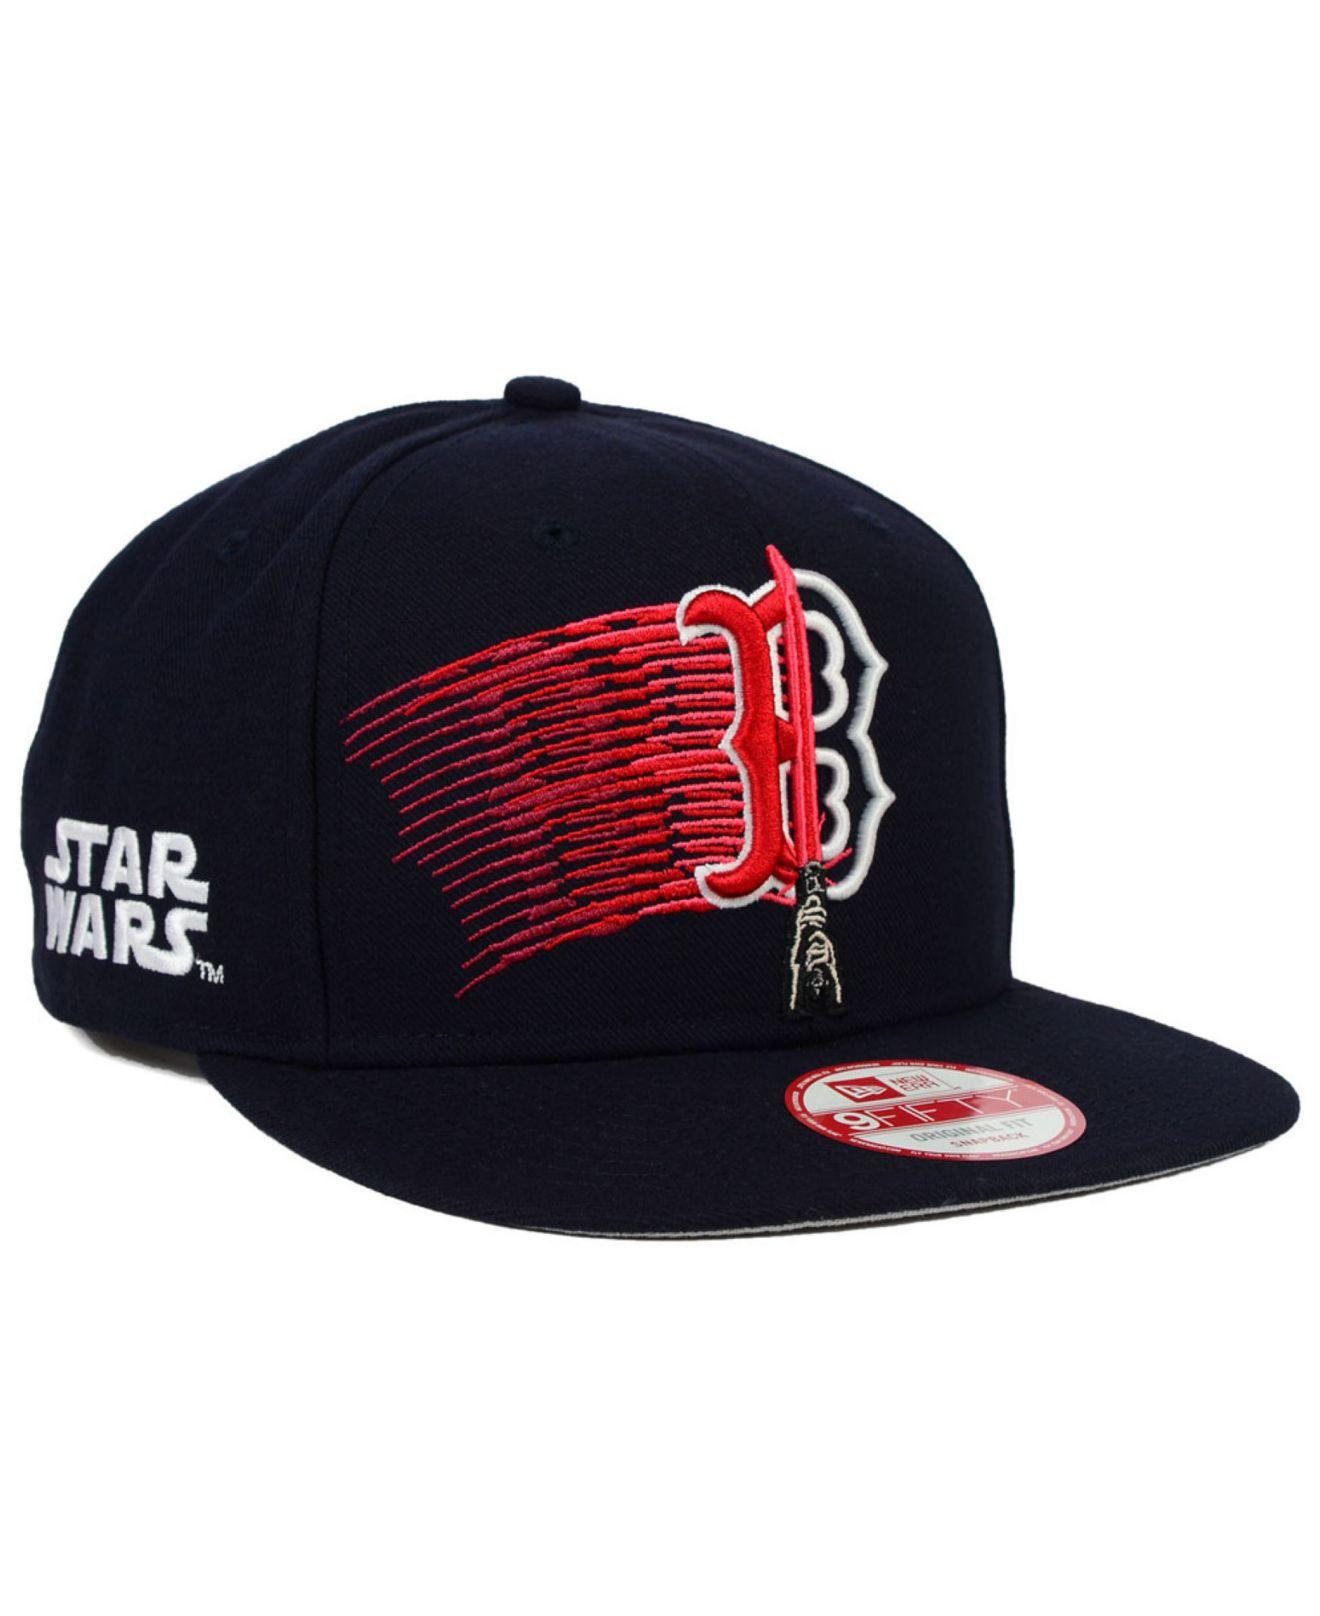 8a4c041390 ... czech lyst ktz boston red sox star wars logoswipe 9fifty snapback cap  in c673c 1f567